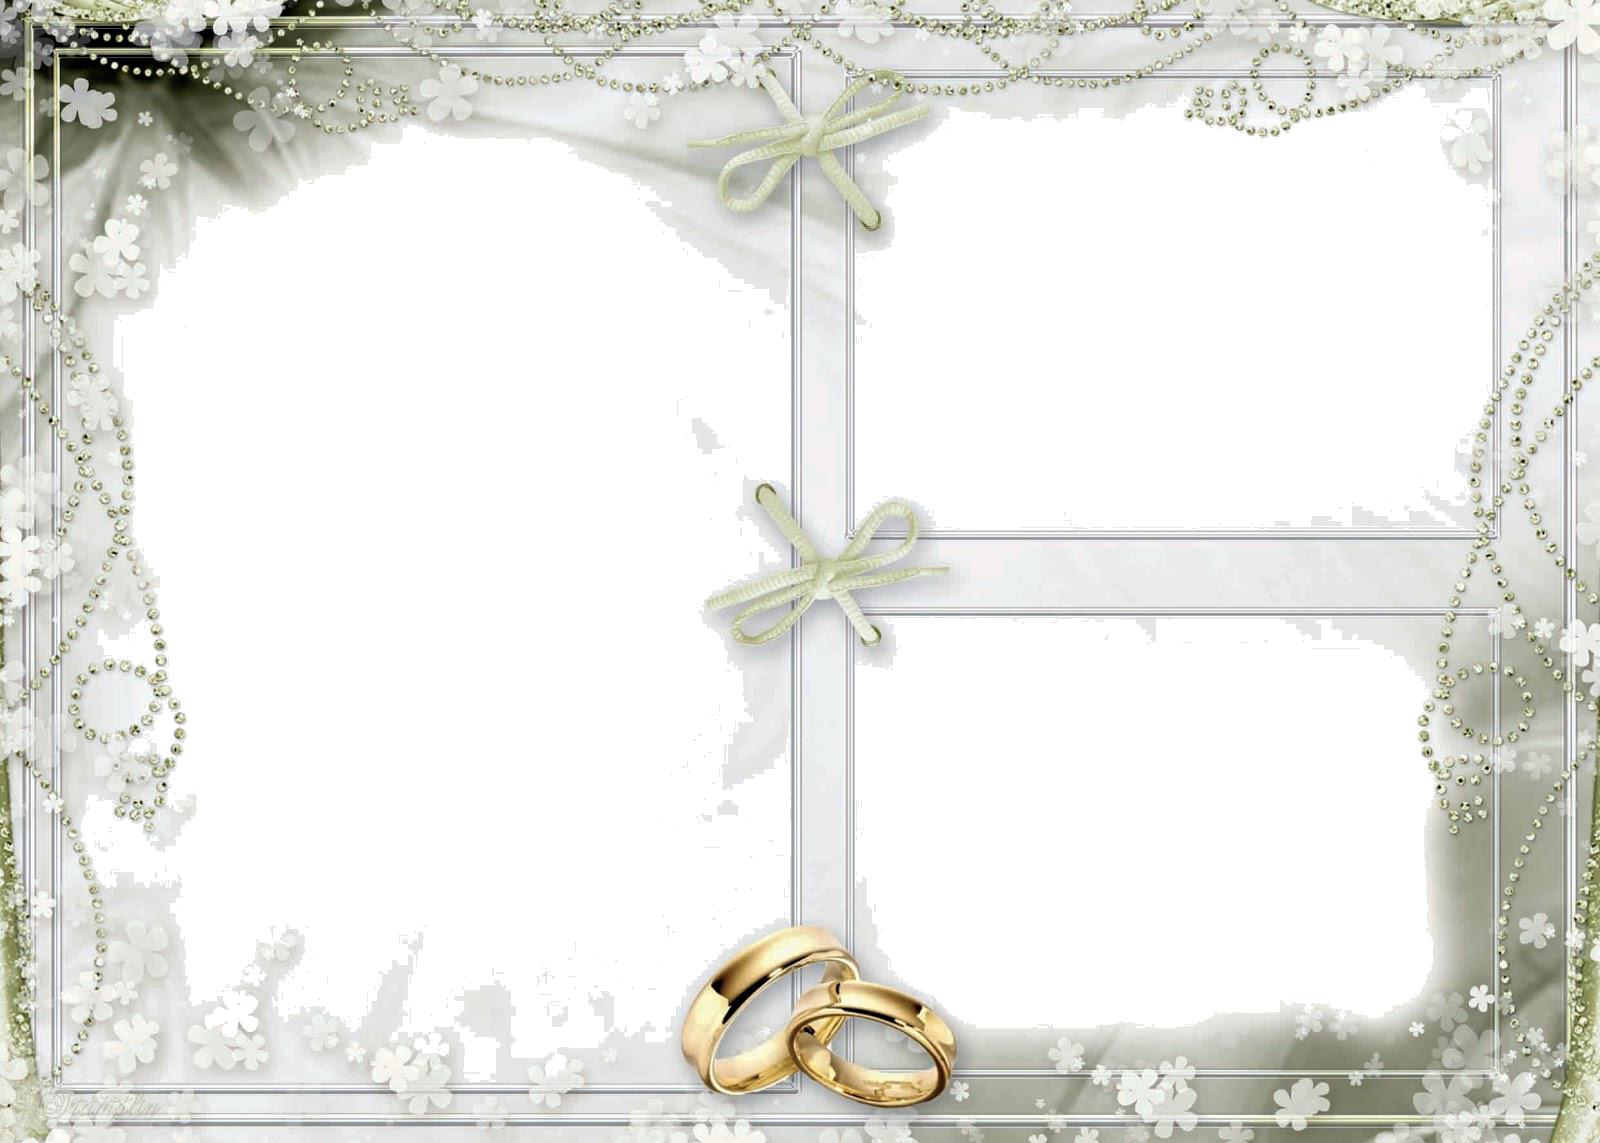 Wedding frame png. Transparent images all download